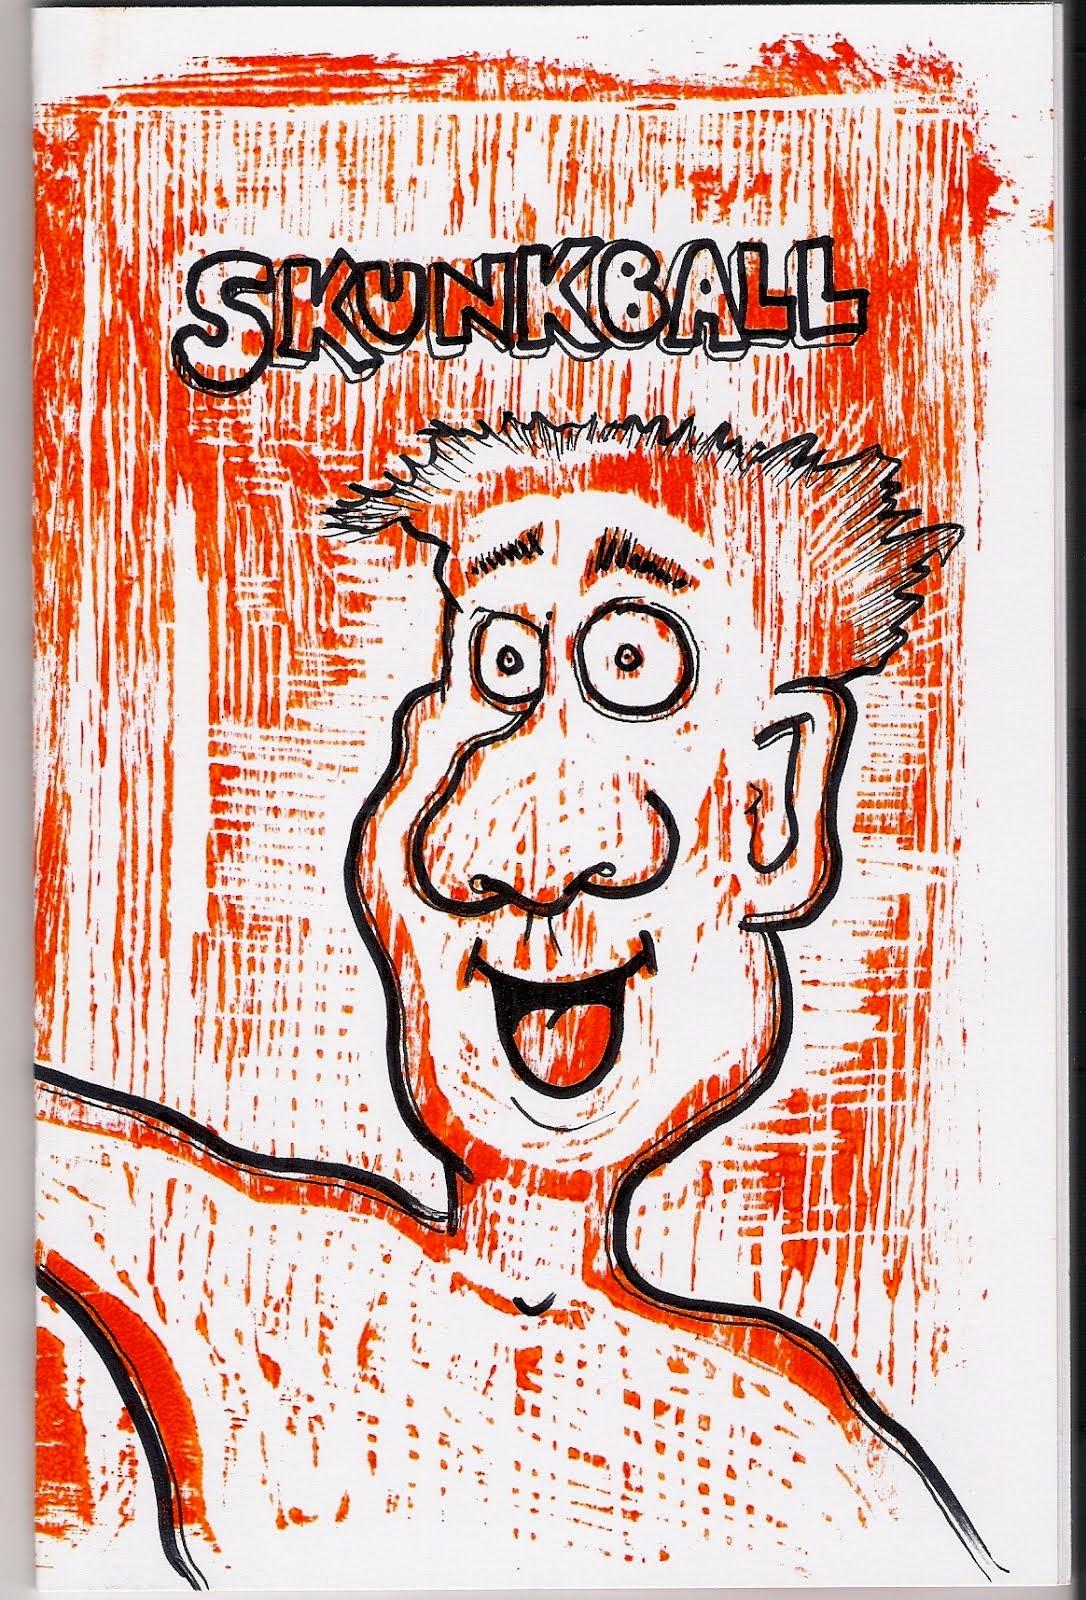 Skunkball